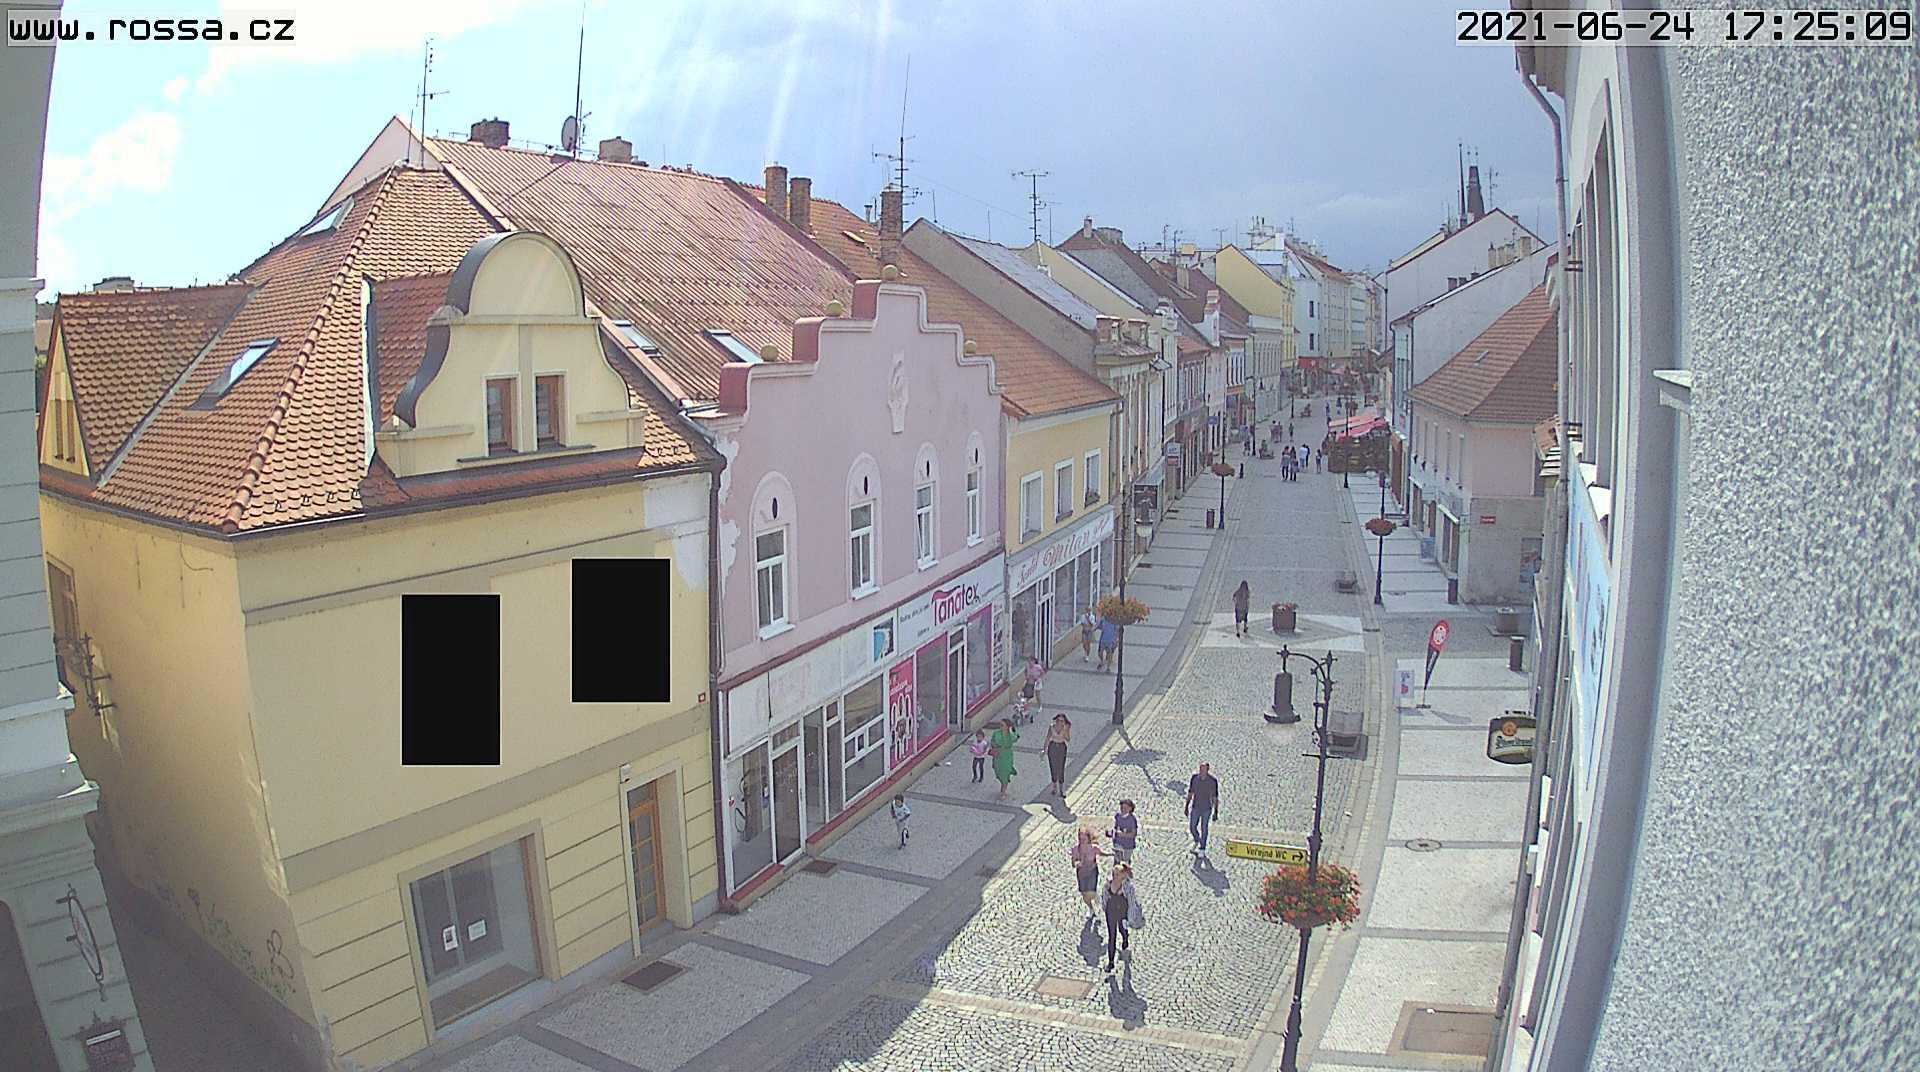 obrázek webkamery